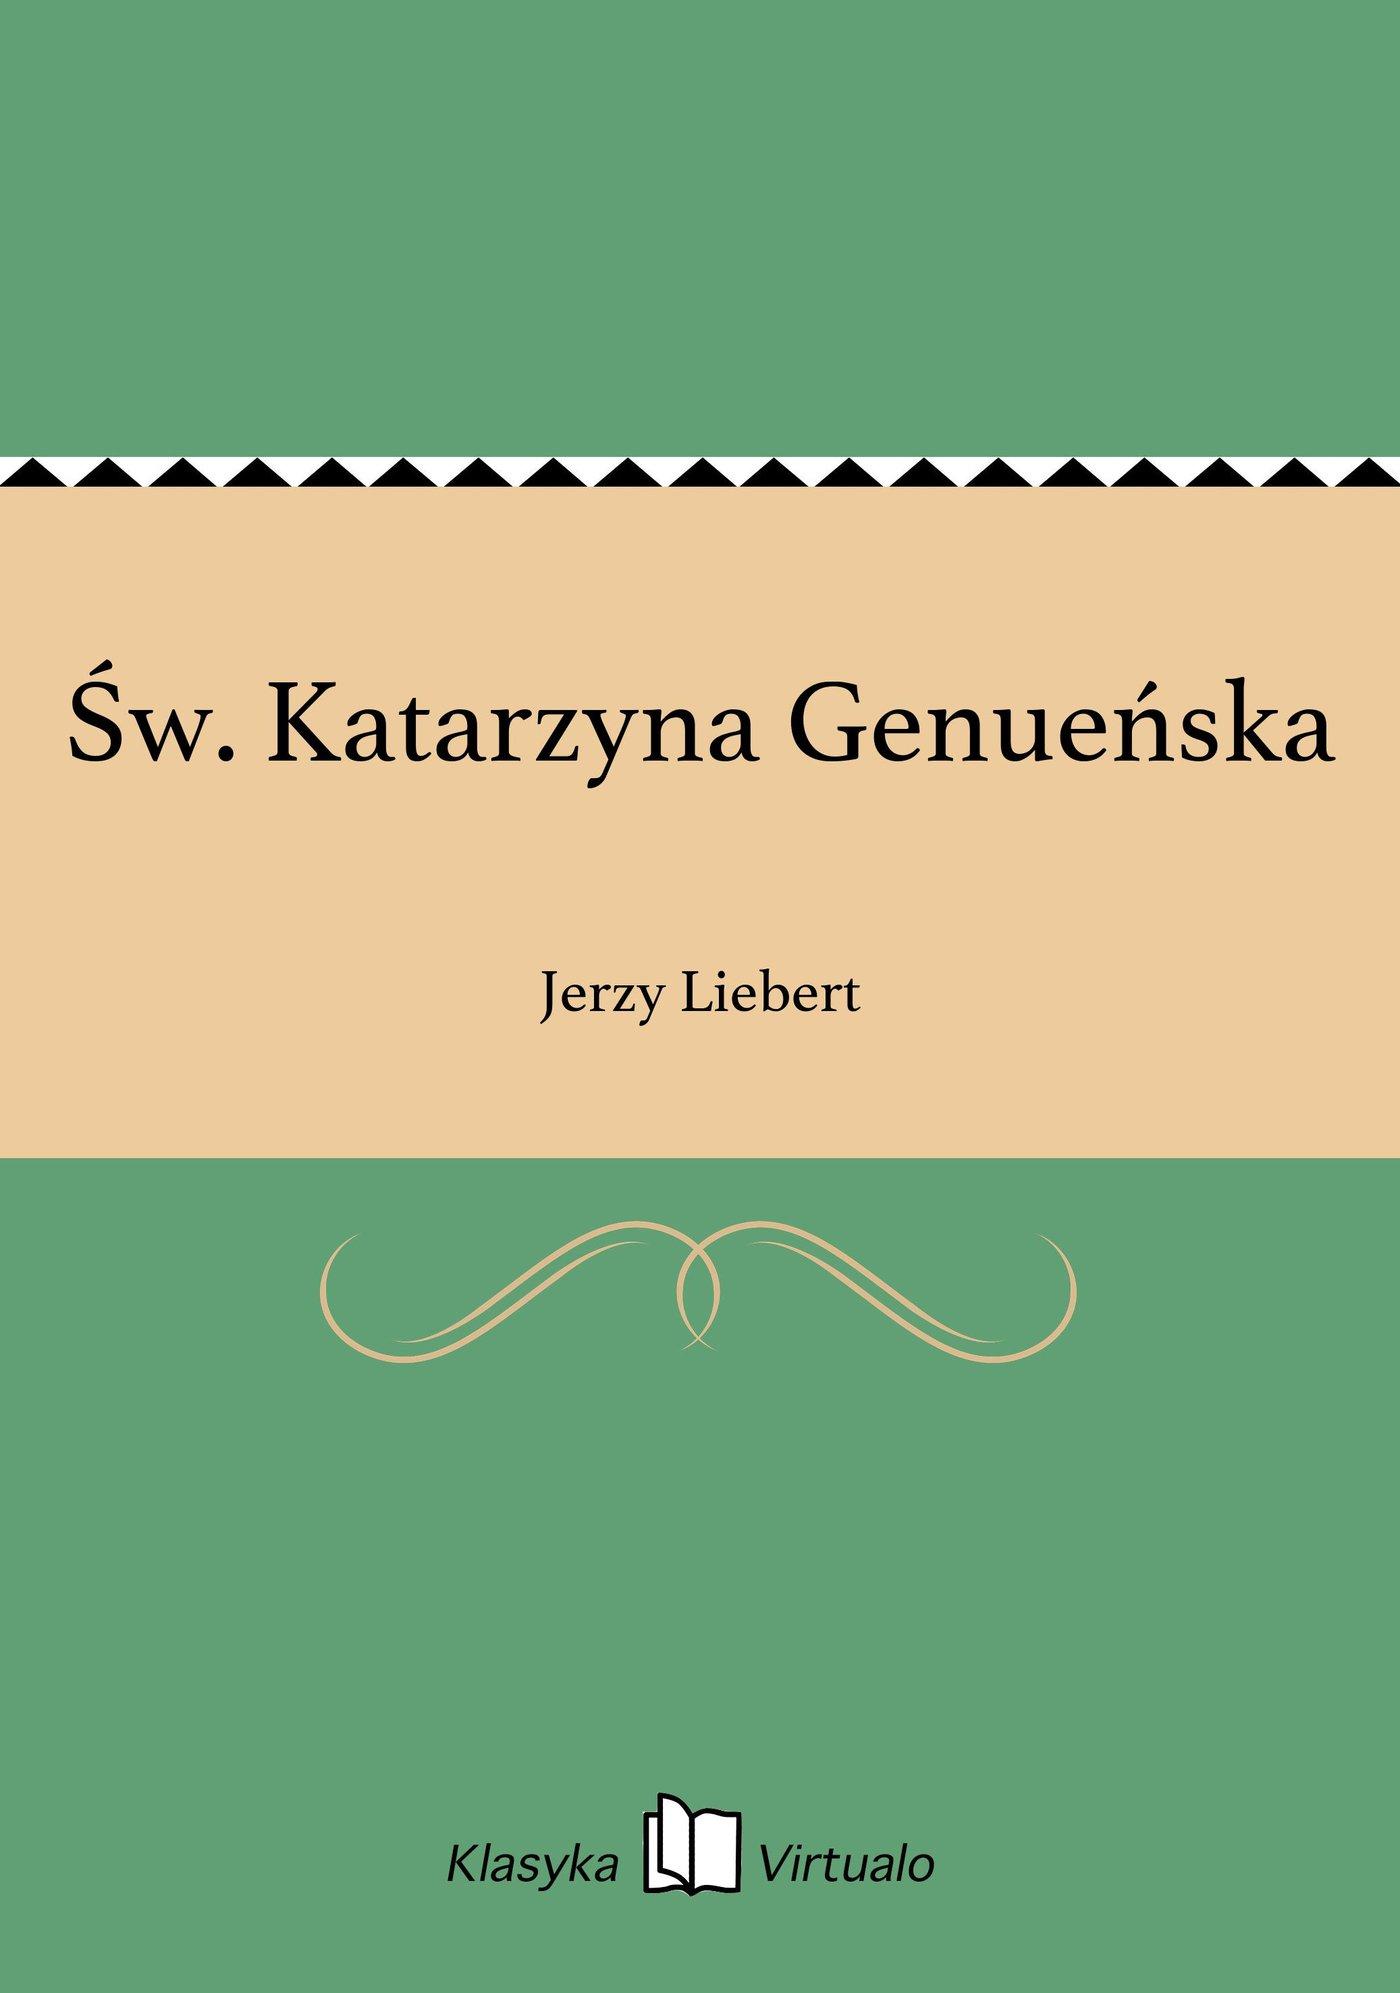 Św. Katarzyna Genueńska - Ebook (Książka EPUB) do pobrania w formacie EPUB